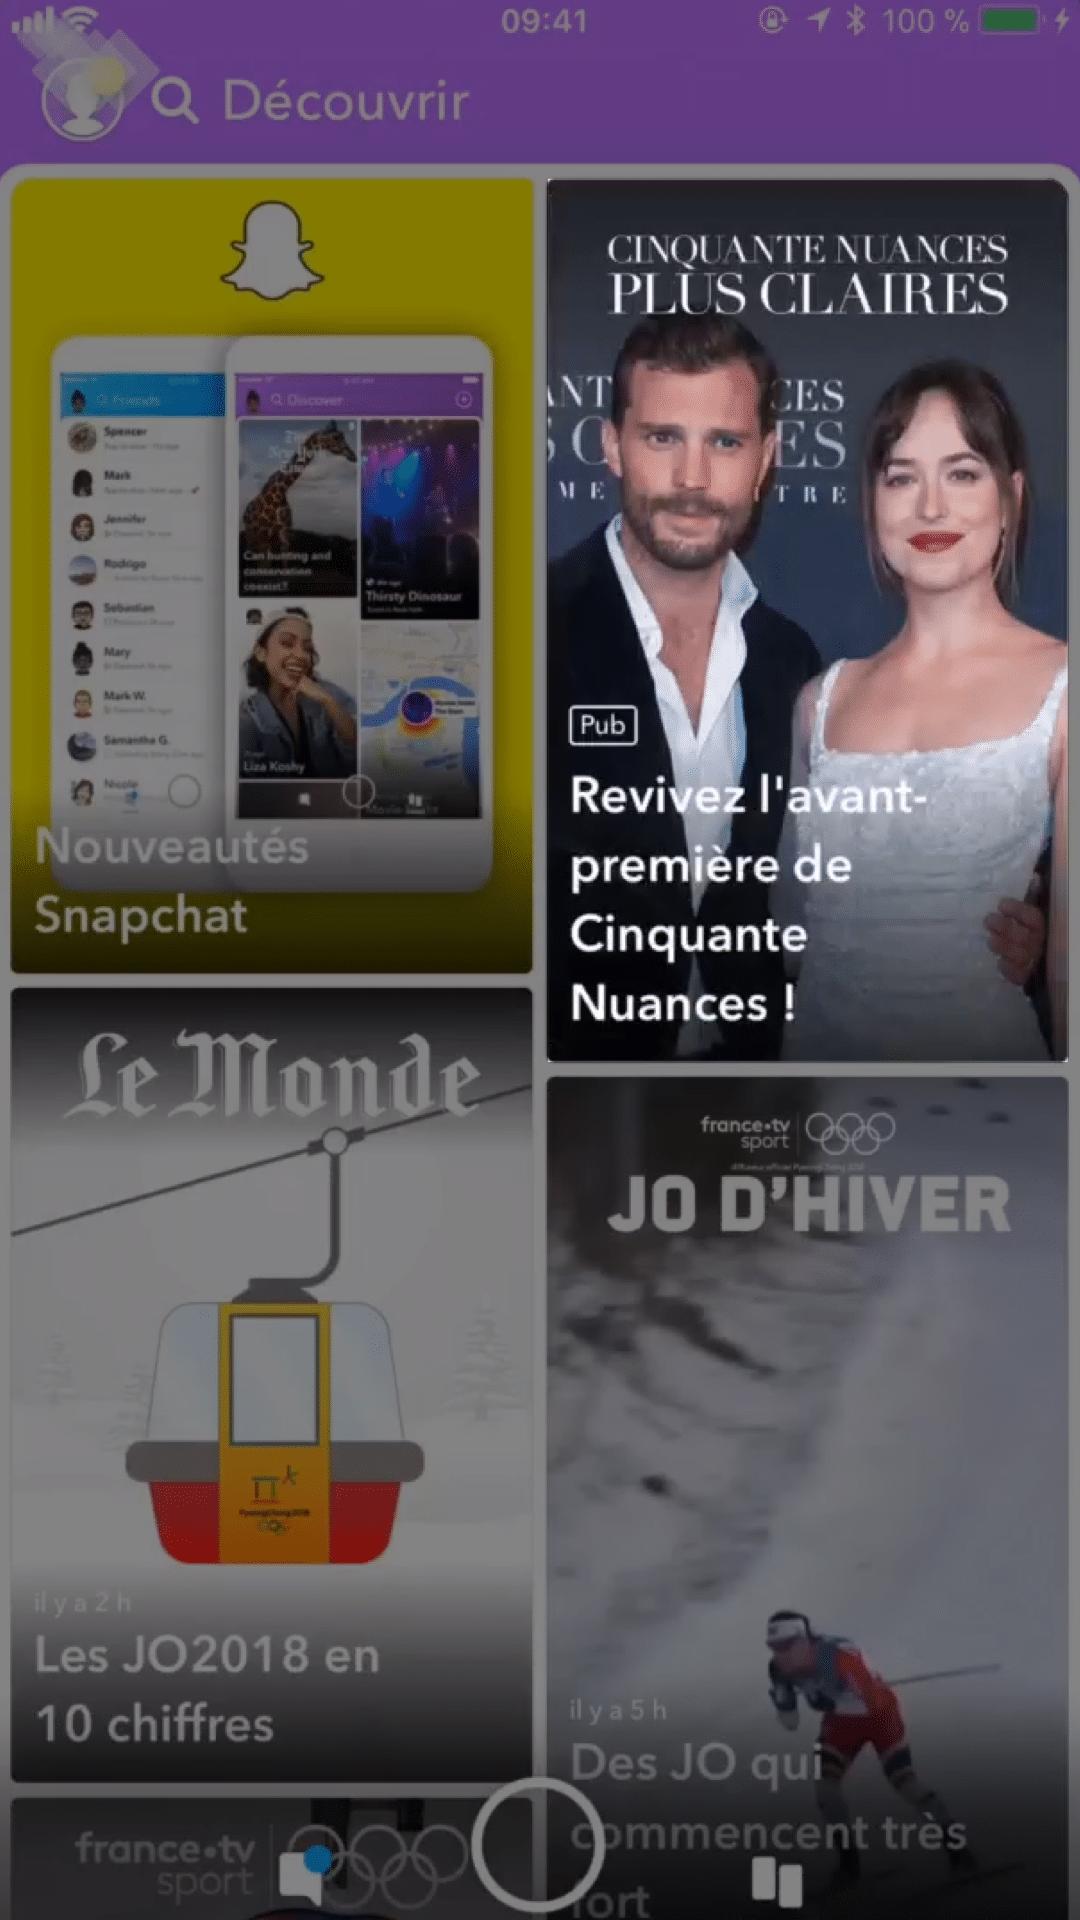 Snapchat story ads